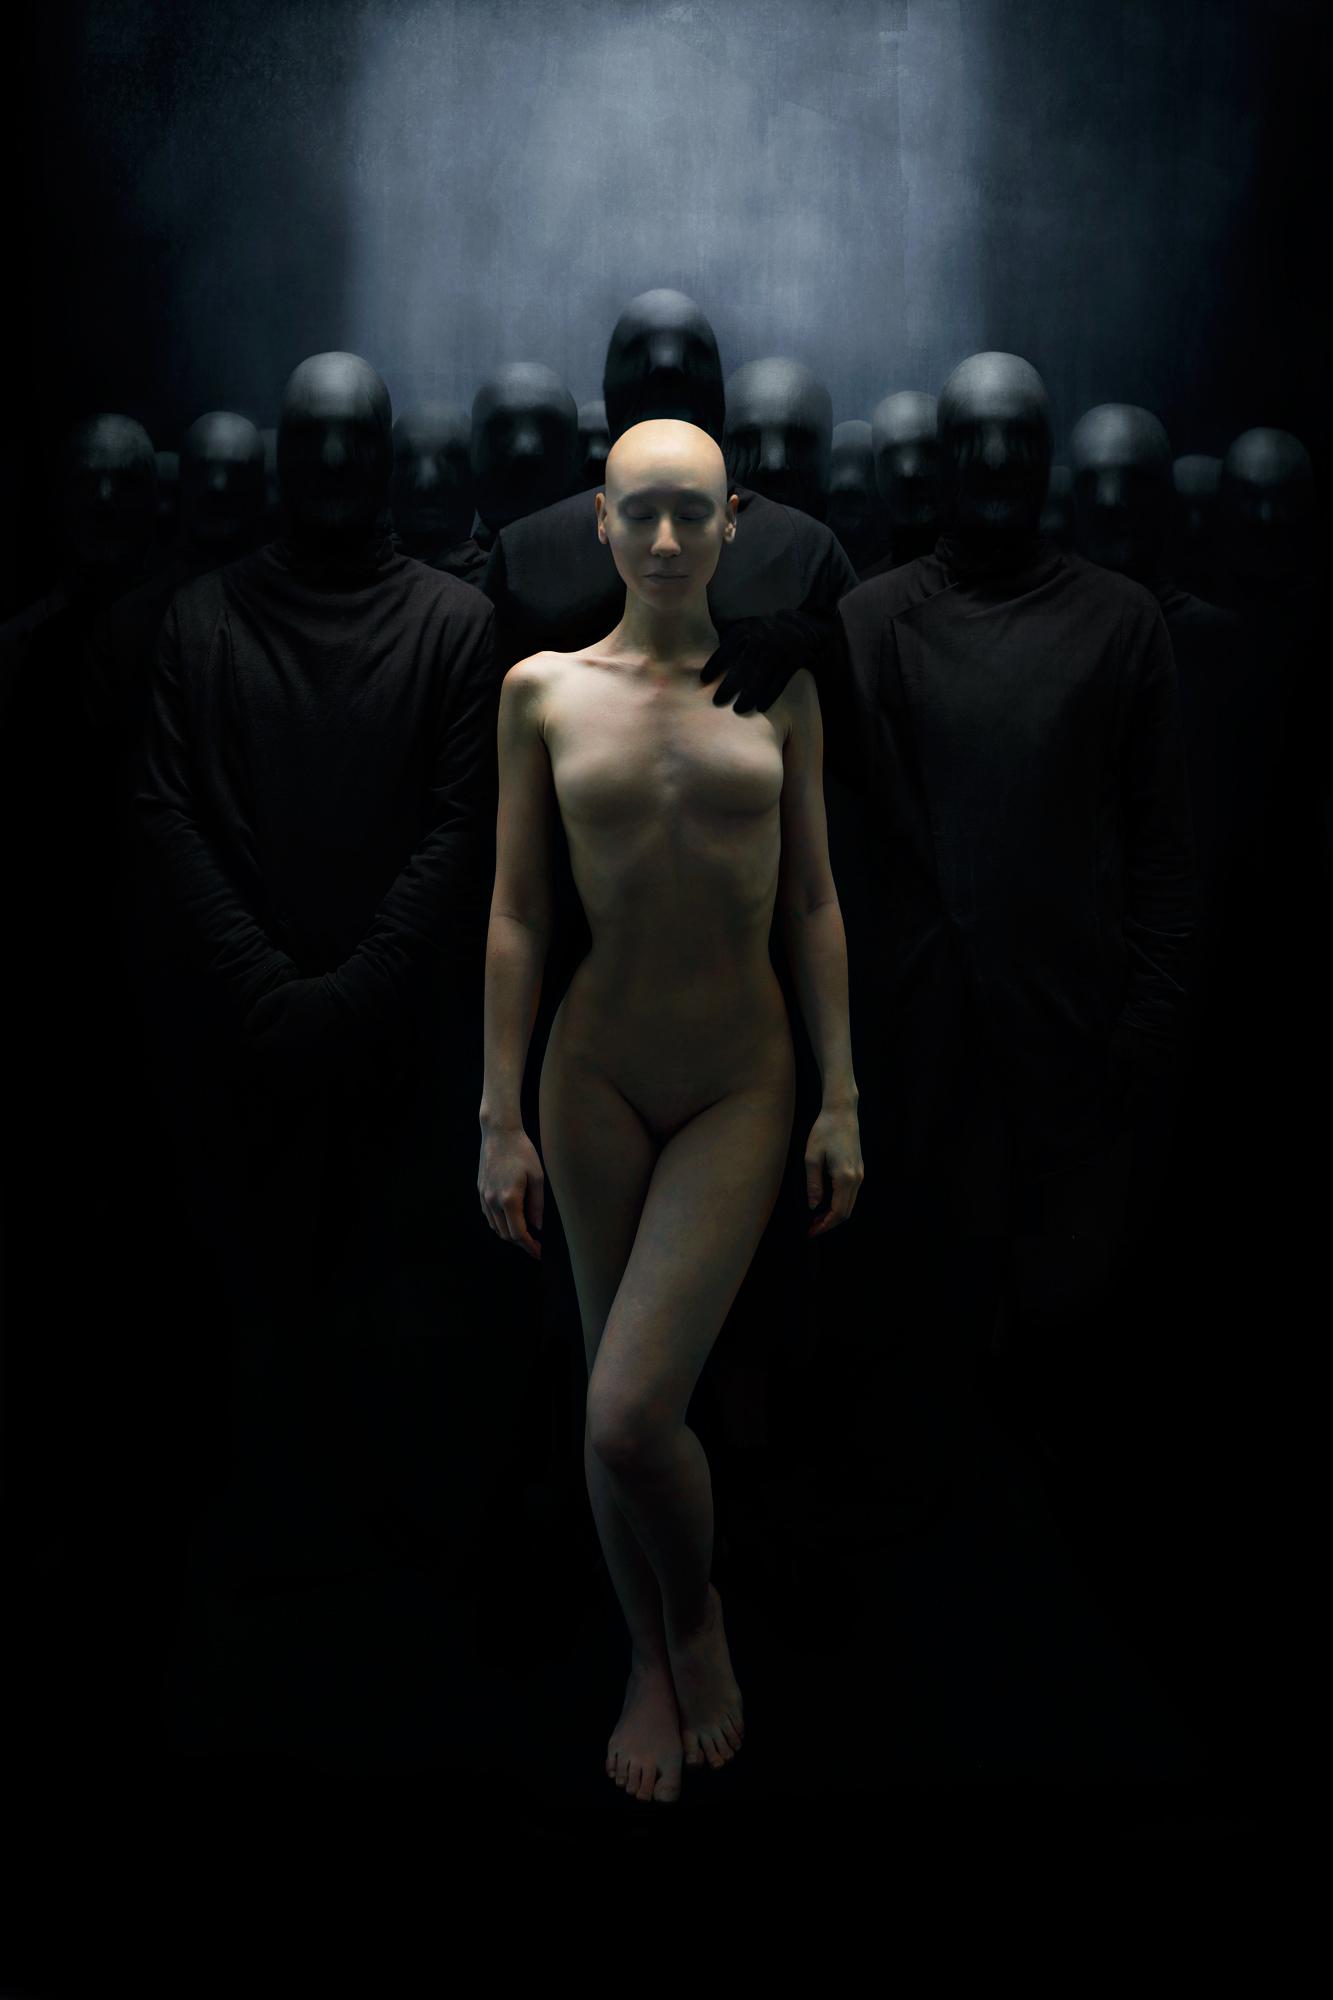 """[LES PSYCHOPOMPES]<br>Models : <u><a href=""""https://www.instagram.com/sandeulc/"""">Cassandre</a></u> & <u><a href=""""https://www.instagram.com/deadboi667_baard/"""">Baard</a></u><br><u><a href=""""http://www.nihil.fr/product/les-psychopompes/"""">Order a print</a></u>"""